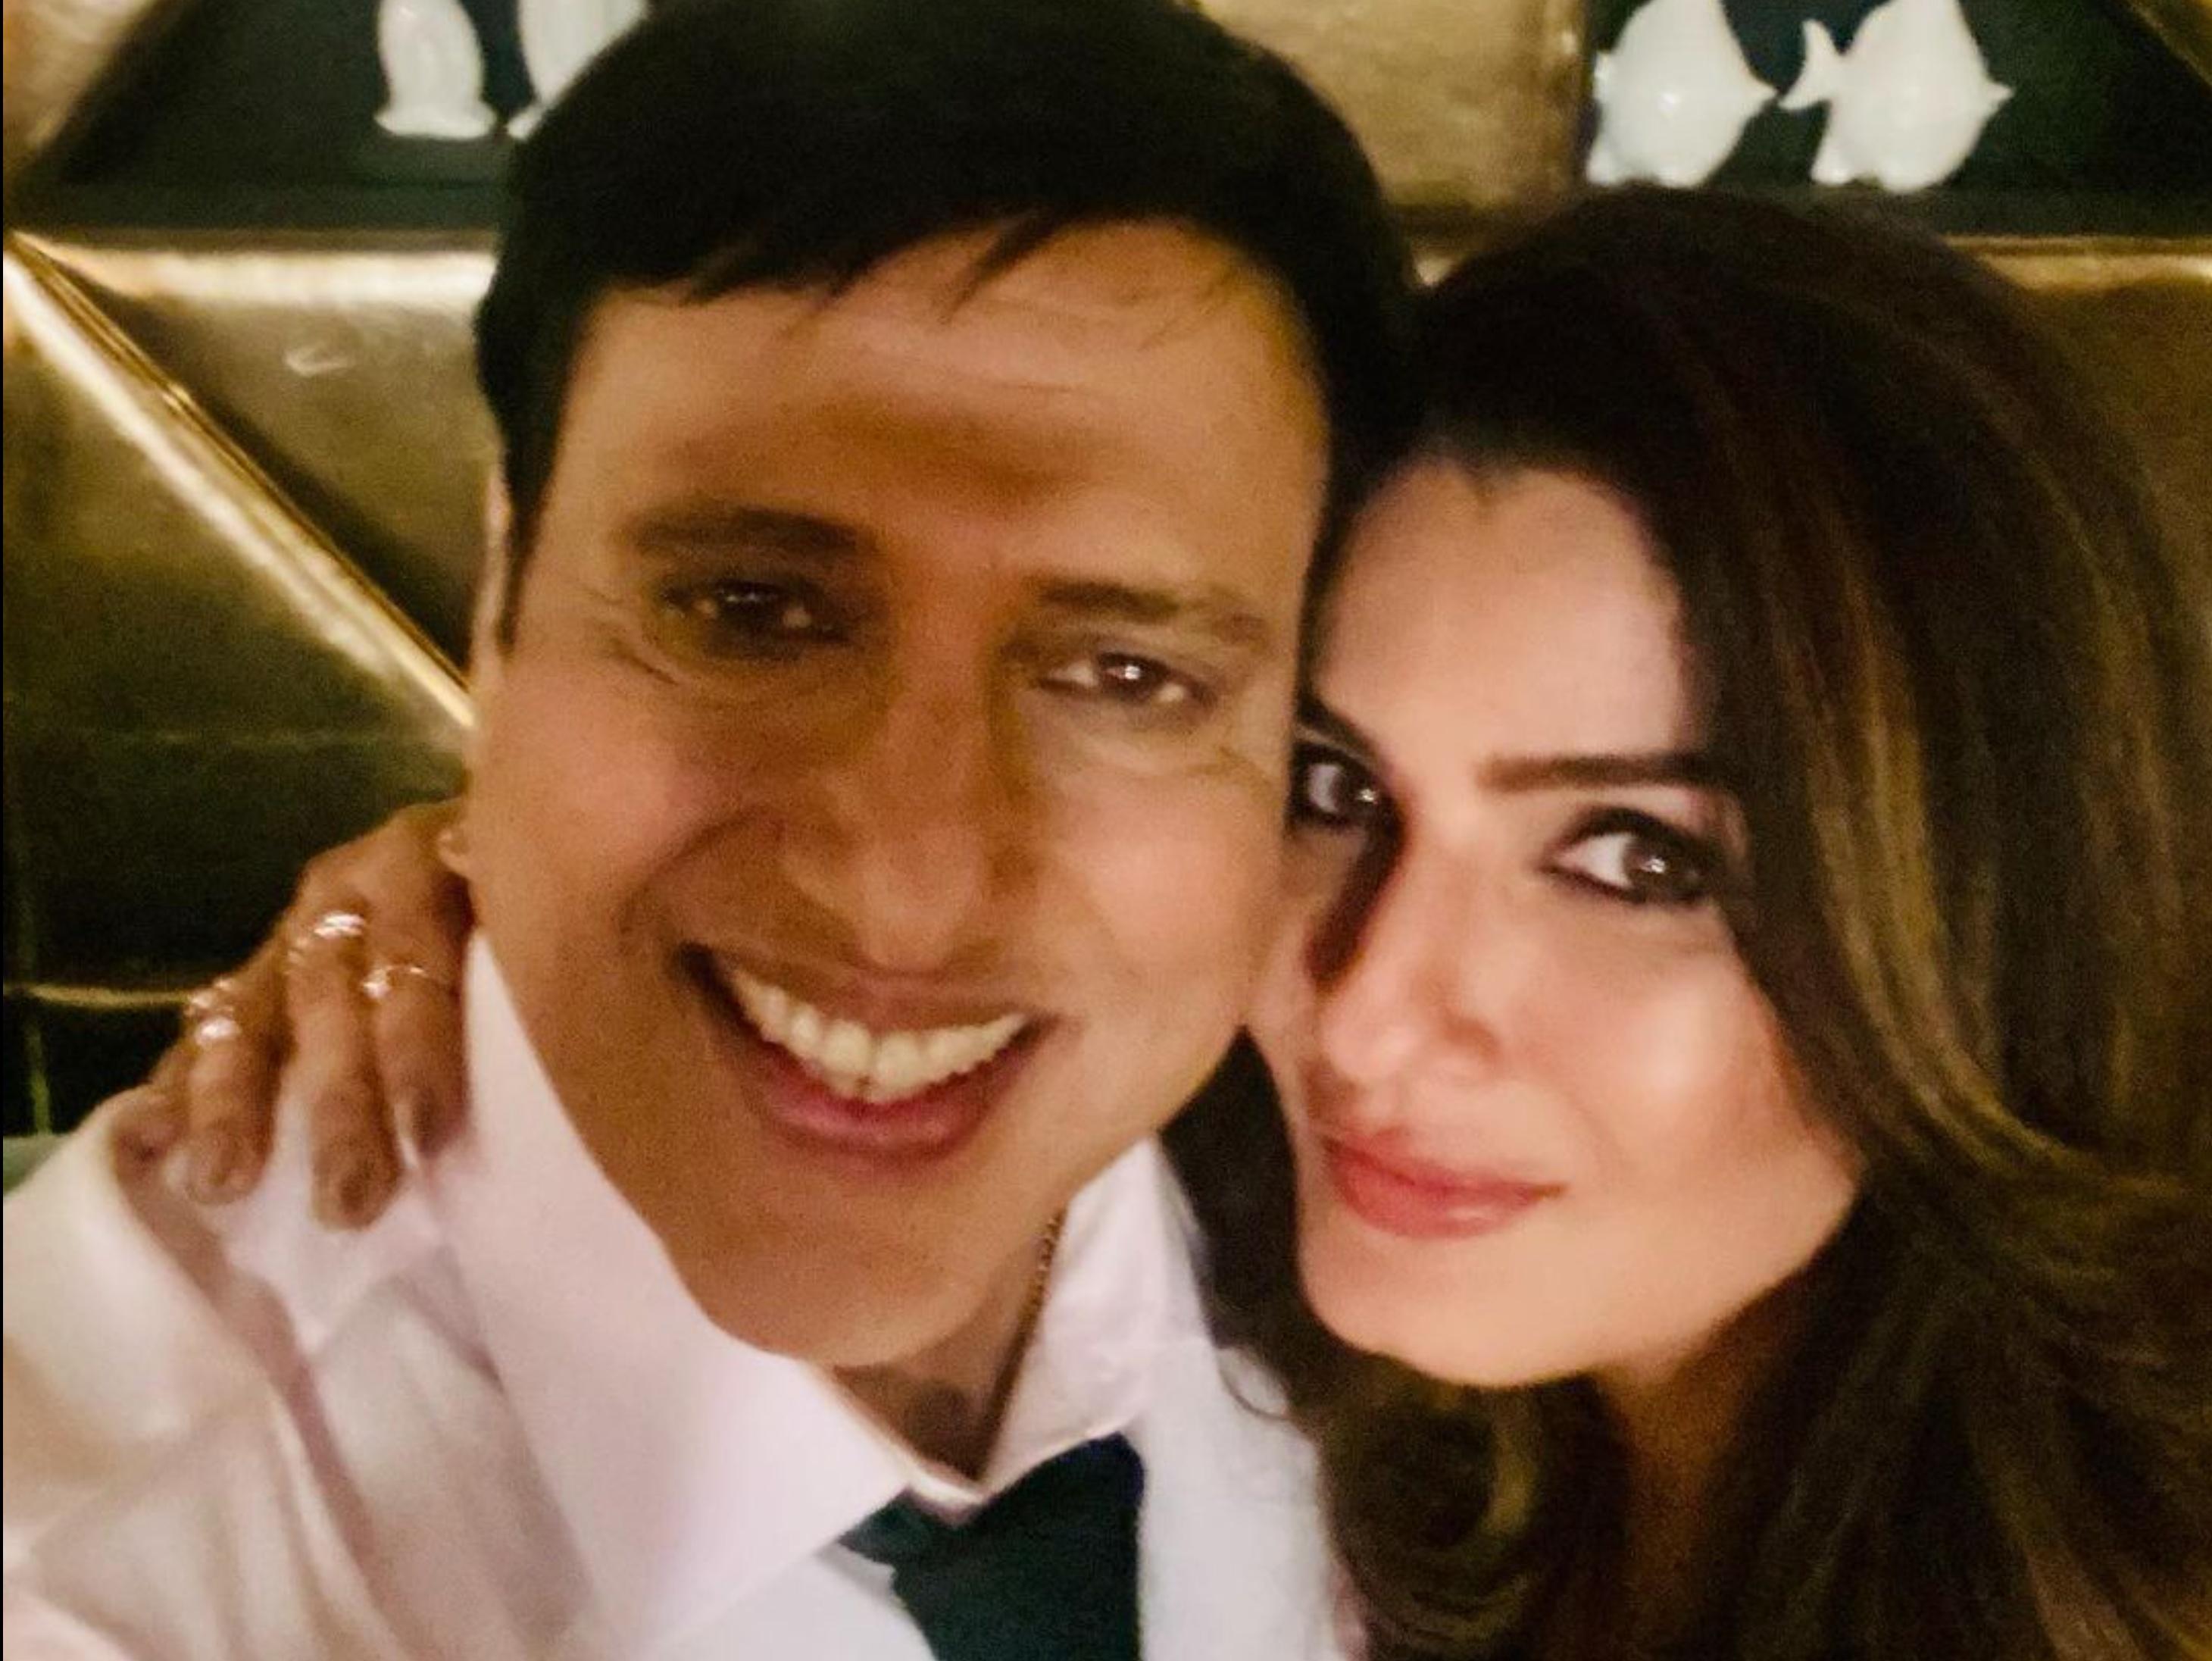 रवीना टंडन ने गोविंदा के साथ शेयर की फोटो, सीक्रेट प्रोजेक्ट के लिए साथ आई 90's की सुपरहिट जोड़ी|बॉलीवुड,Bollywood - Dainik Bhaskar